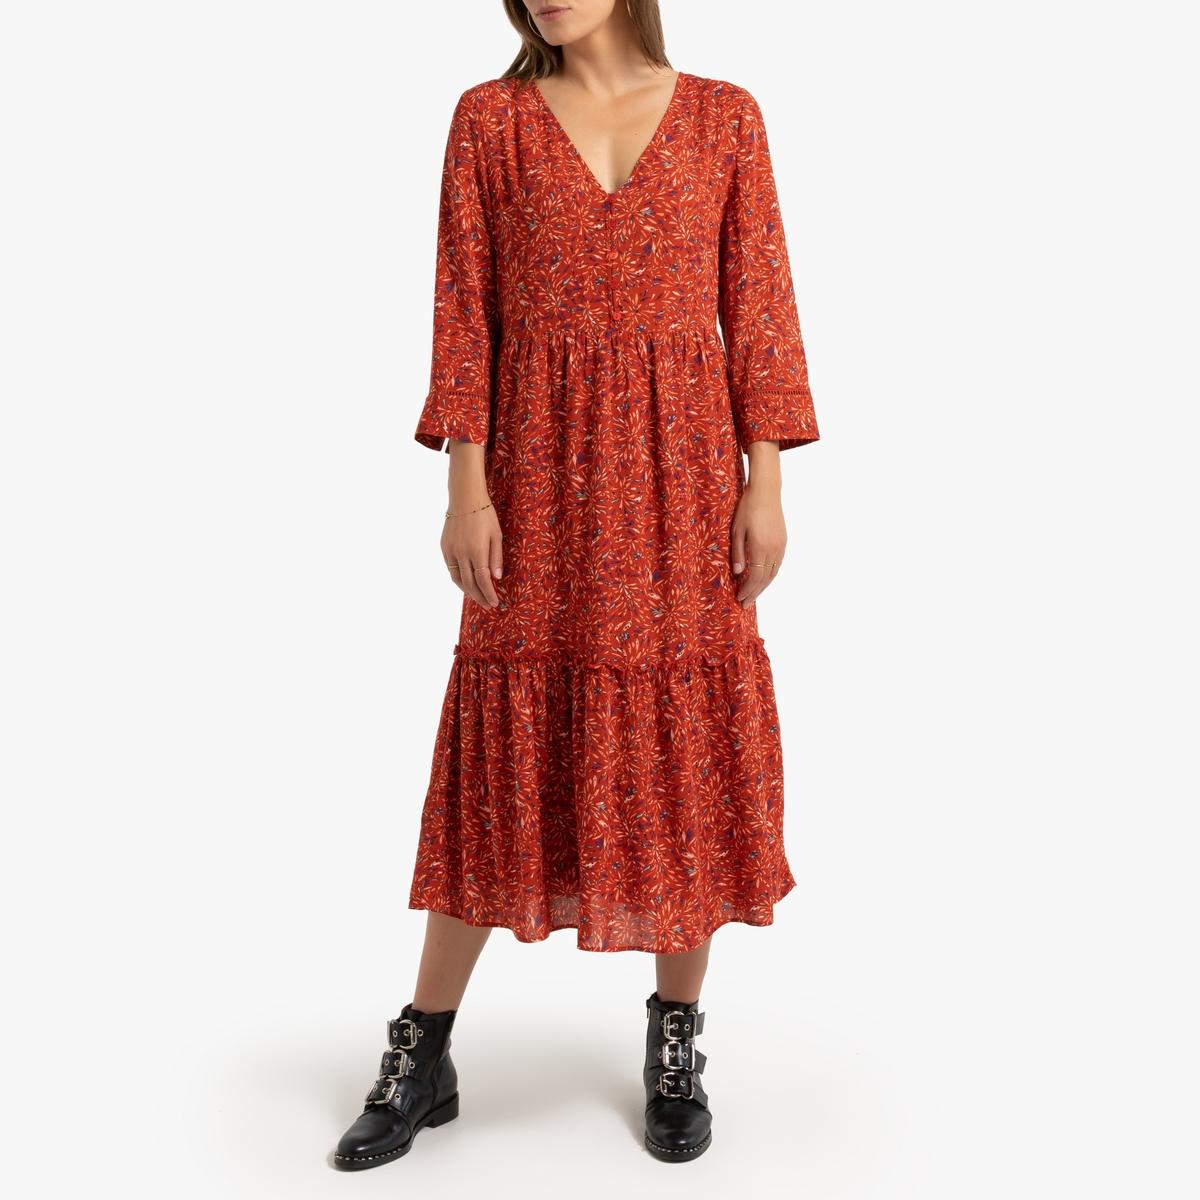 Платье La Redoute С длинными рукавами с графическим принтом 34 (FR) - 40 (RUS) красный рубашка la redoute струящаяся с цветочным принтом и длинными рукавами 34 fr 40 rus фиолетовый